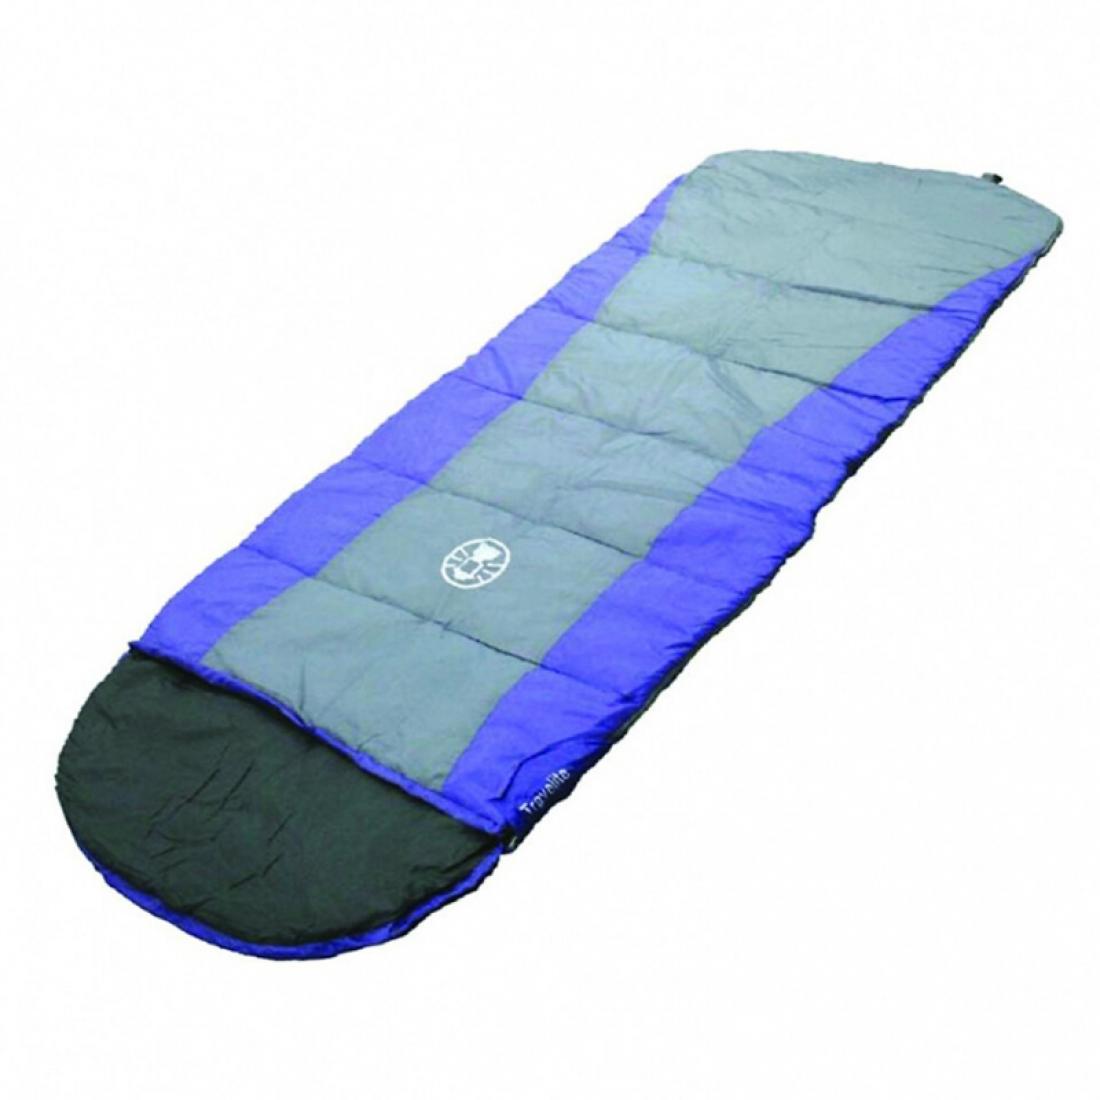 Coleman Camping Travelite Sleeping Bag